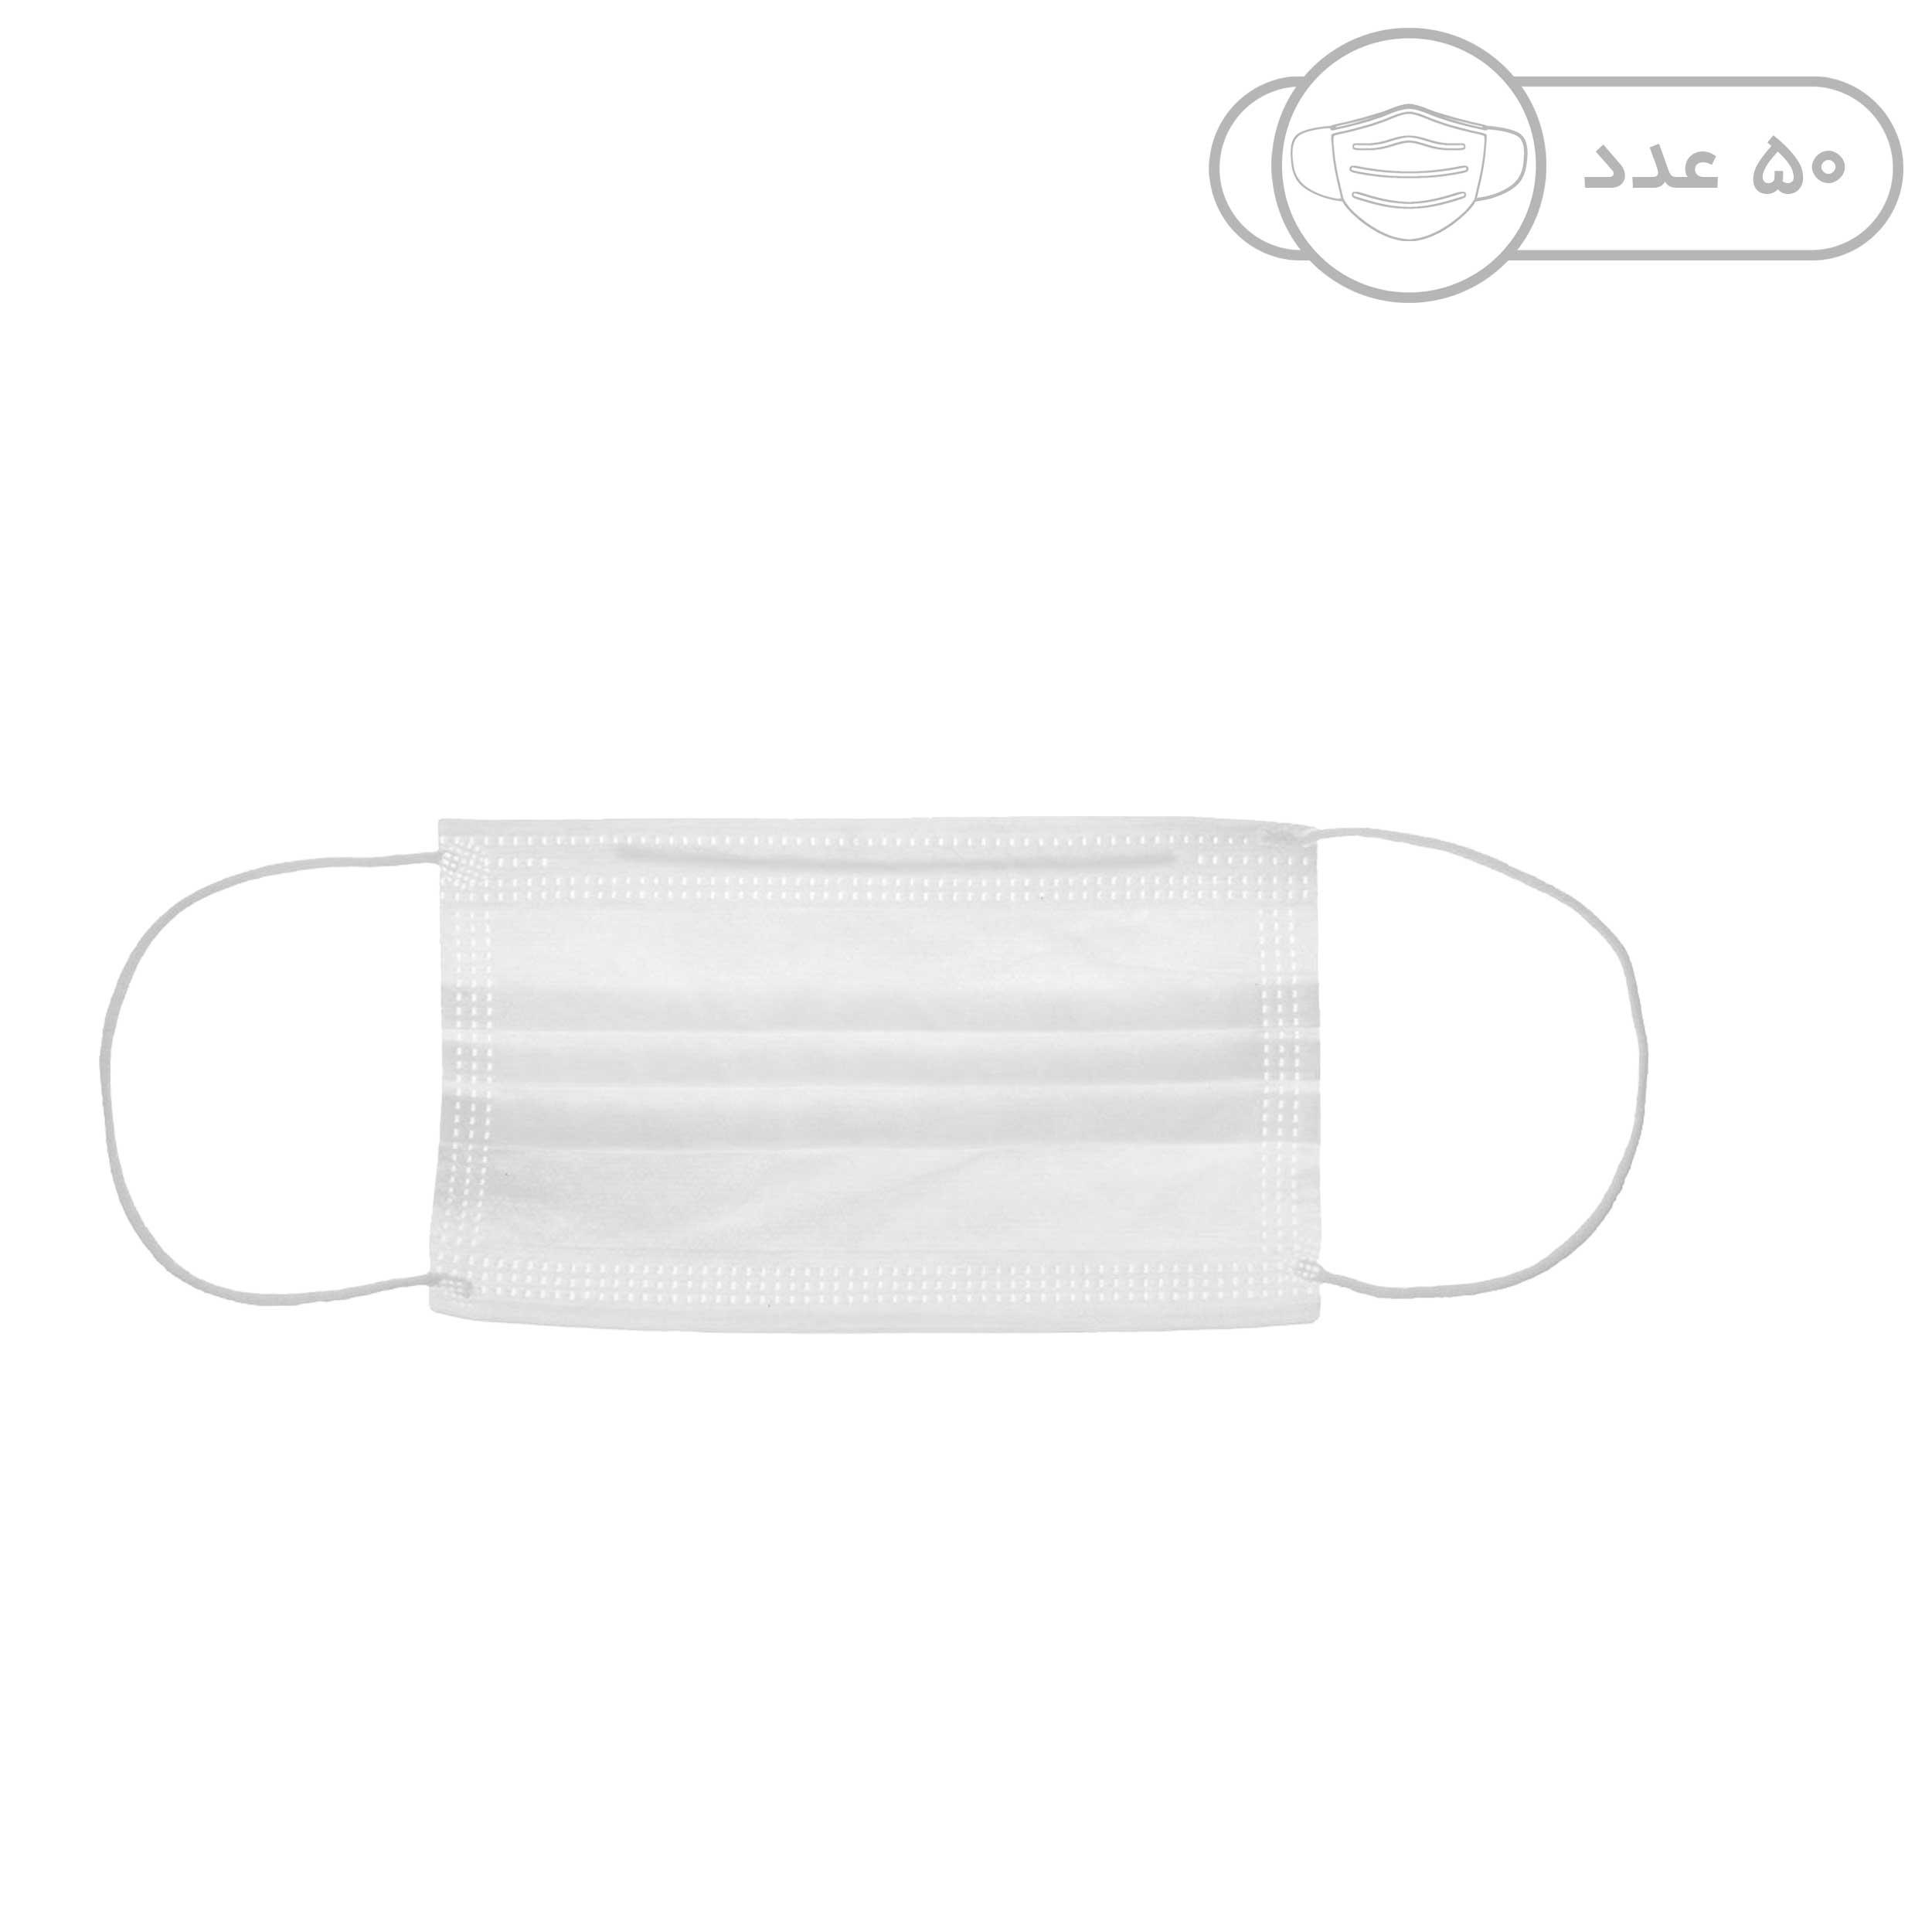 ماسک تنفسی نیک رای مدل S03 بسته 50 عددی